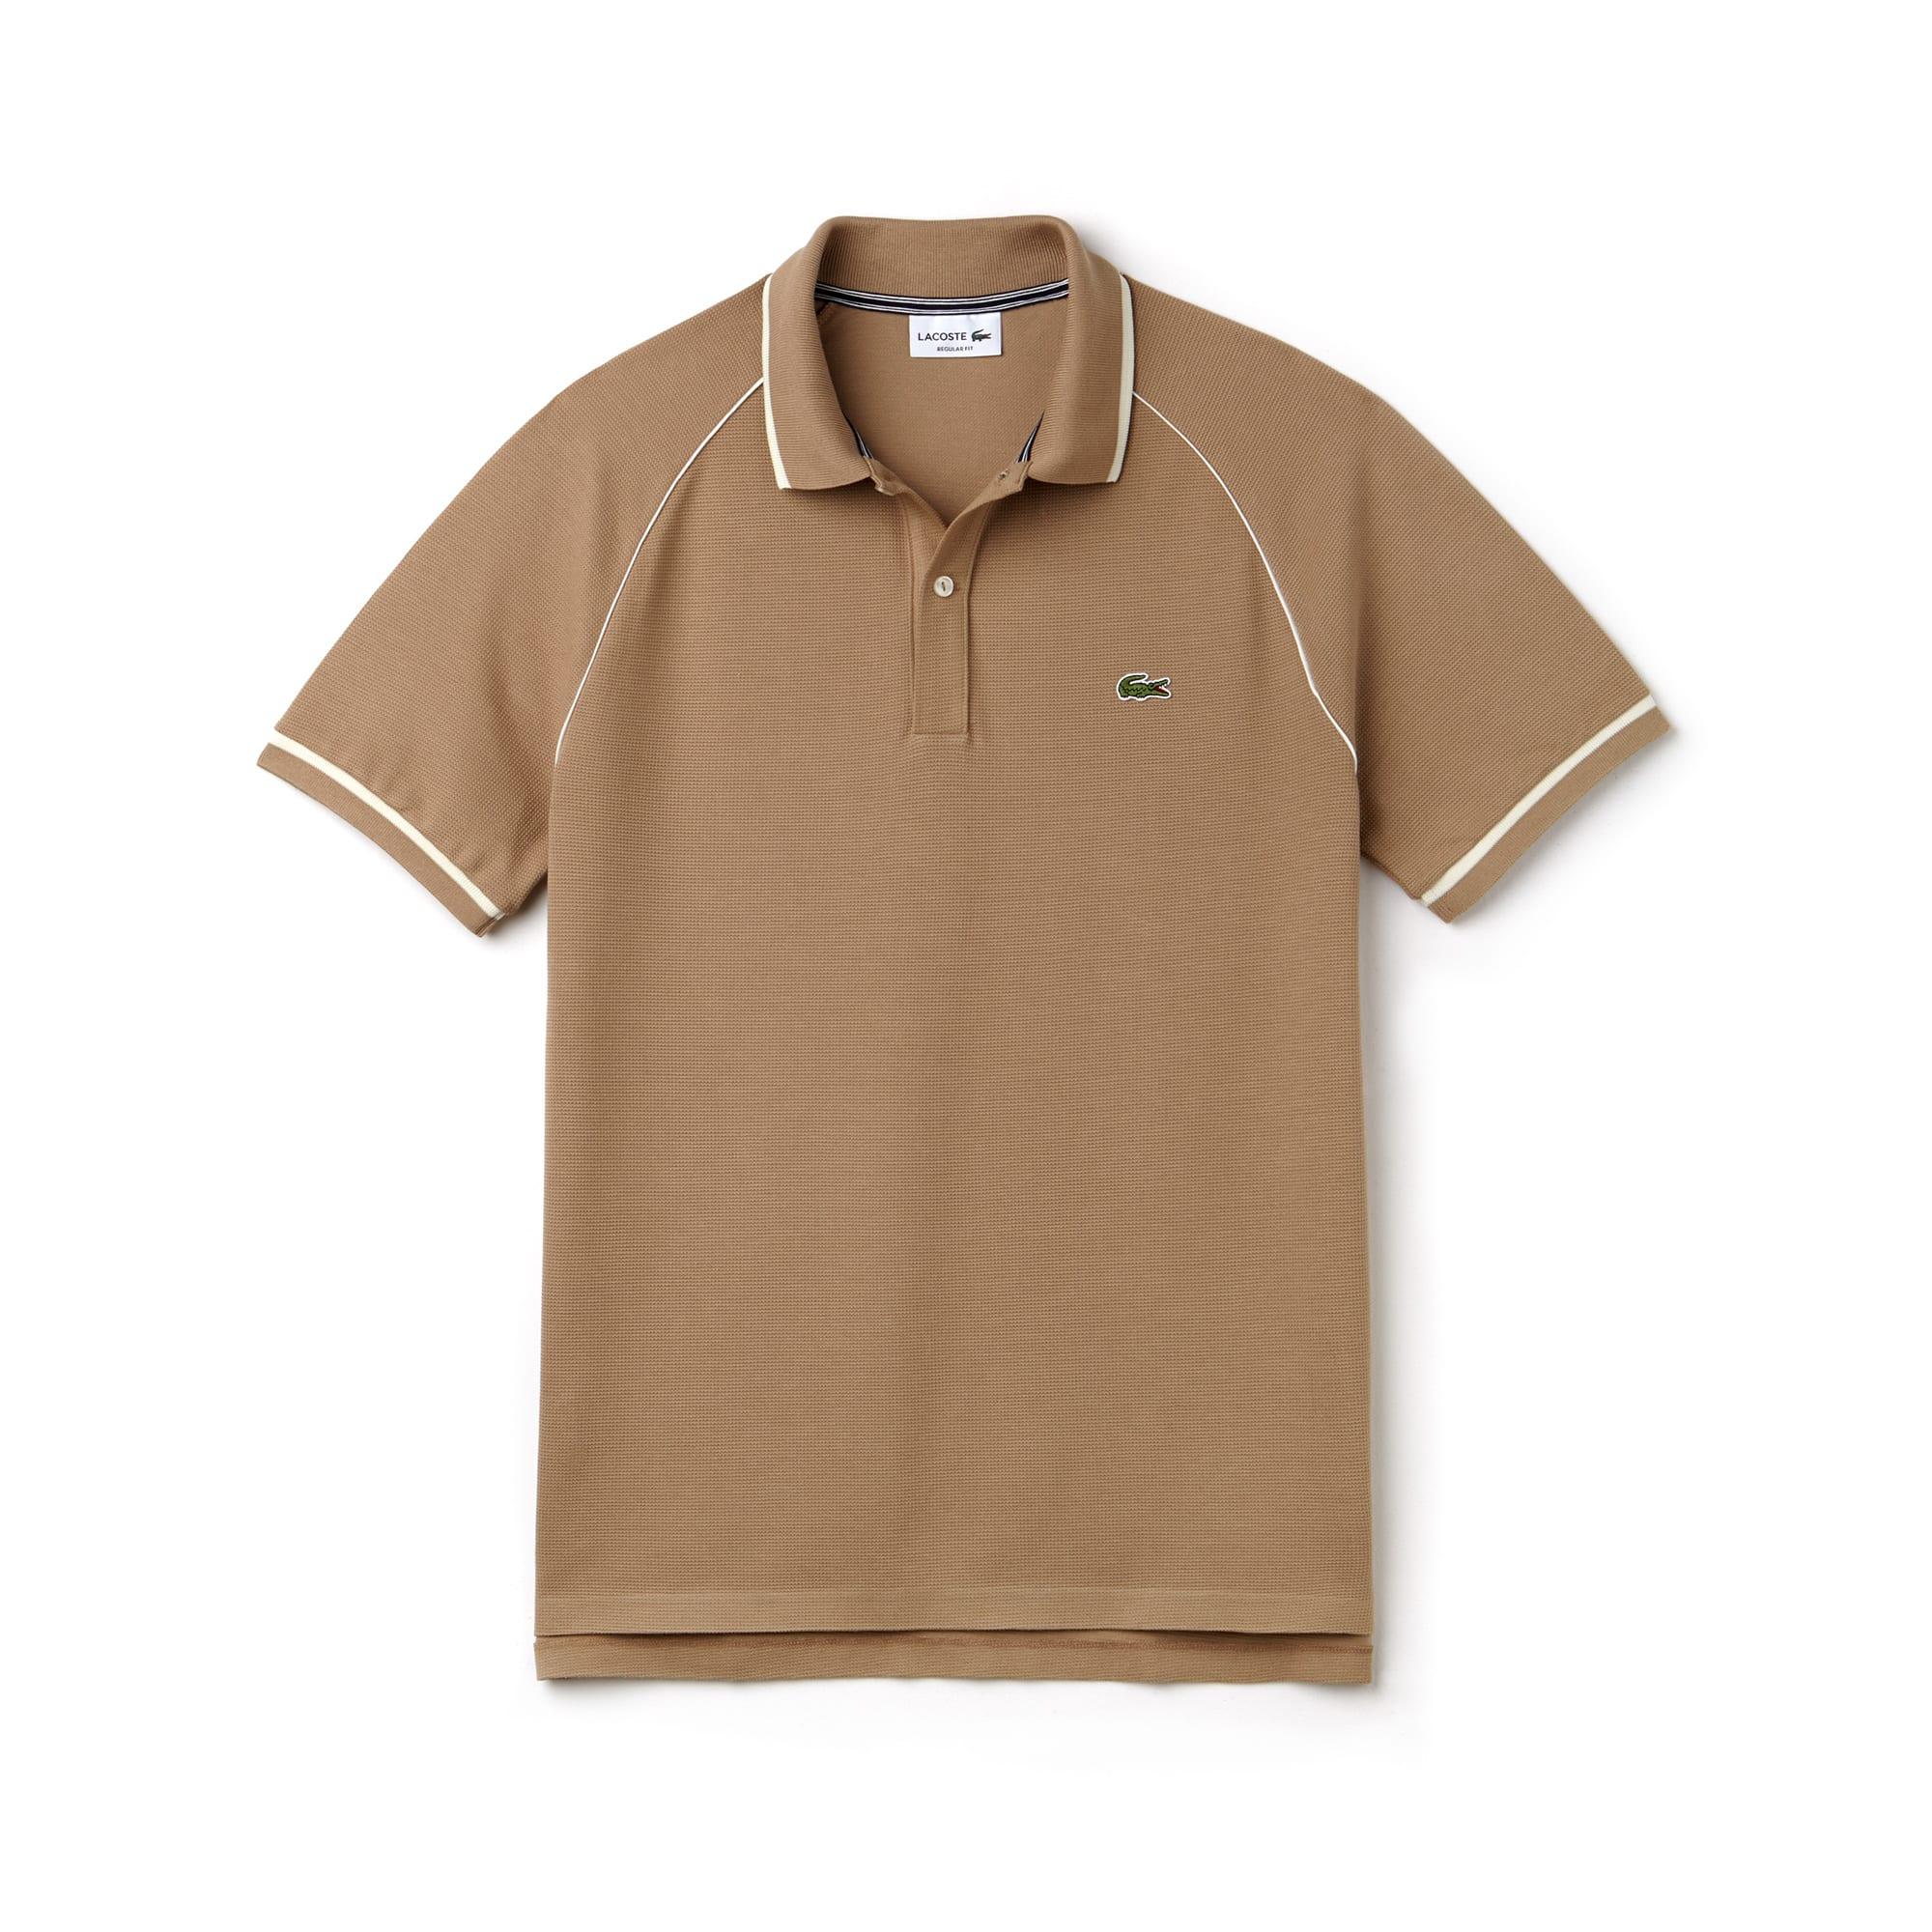 Polo classic fit Lacoste in maglia quadra con bordino